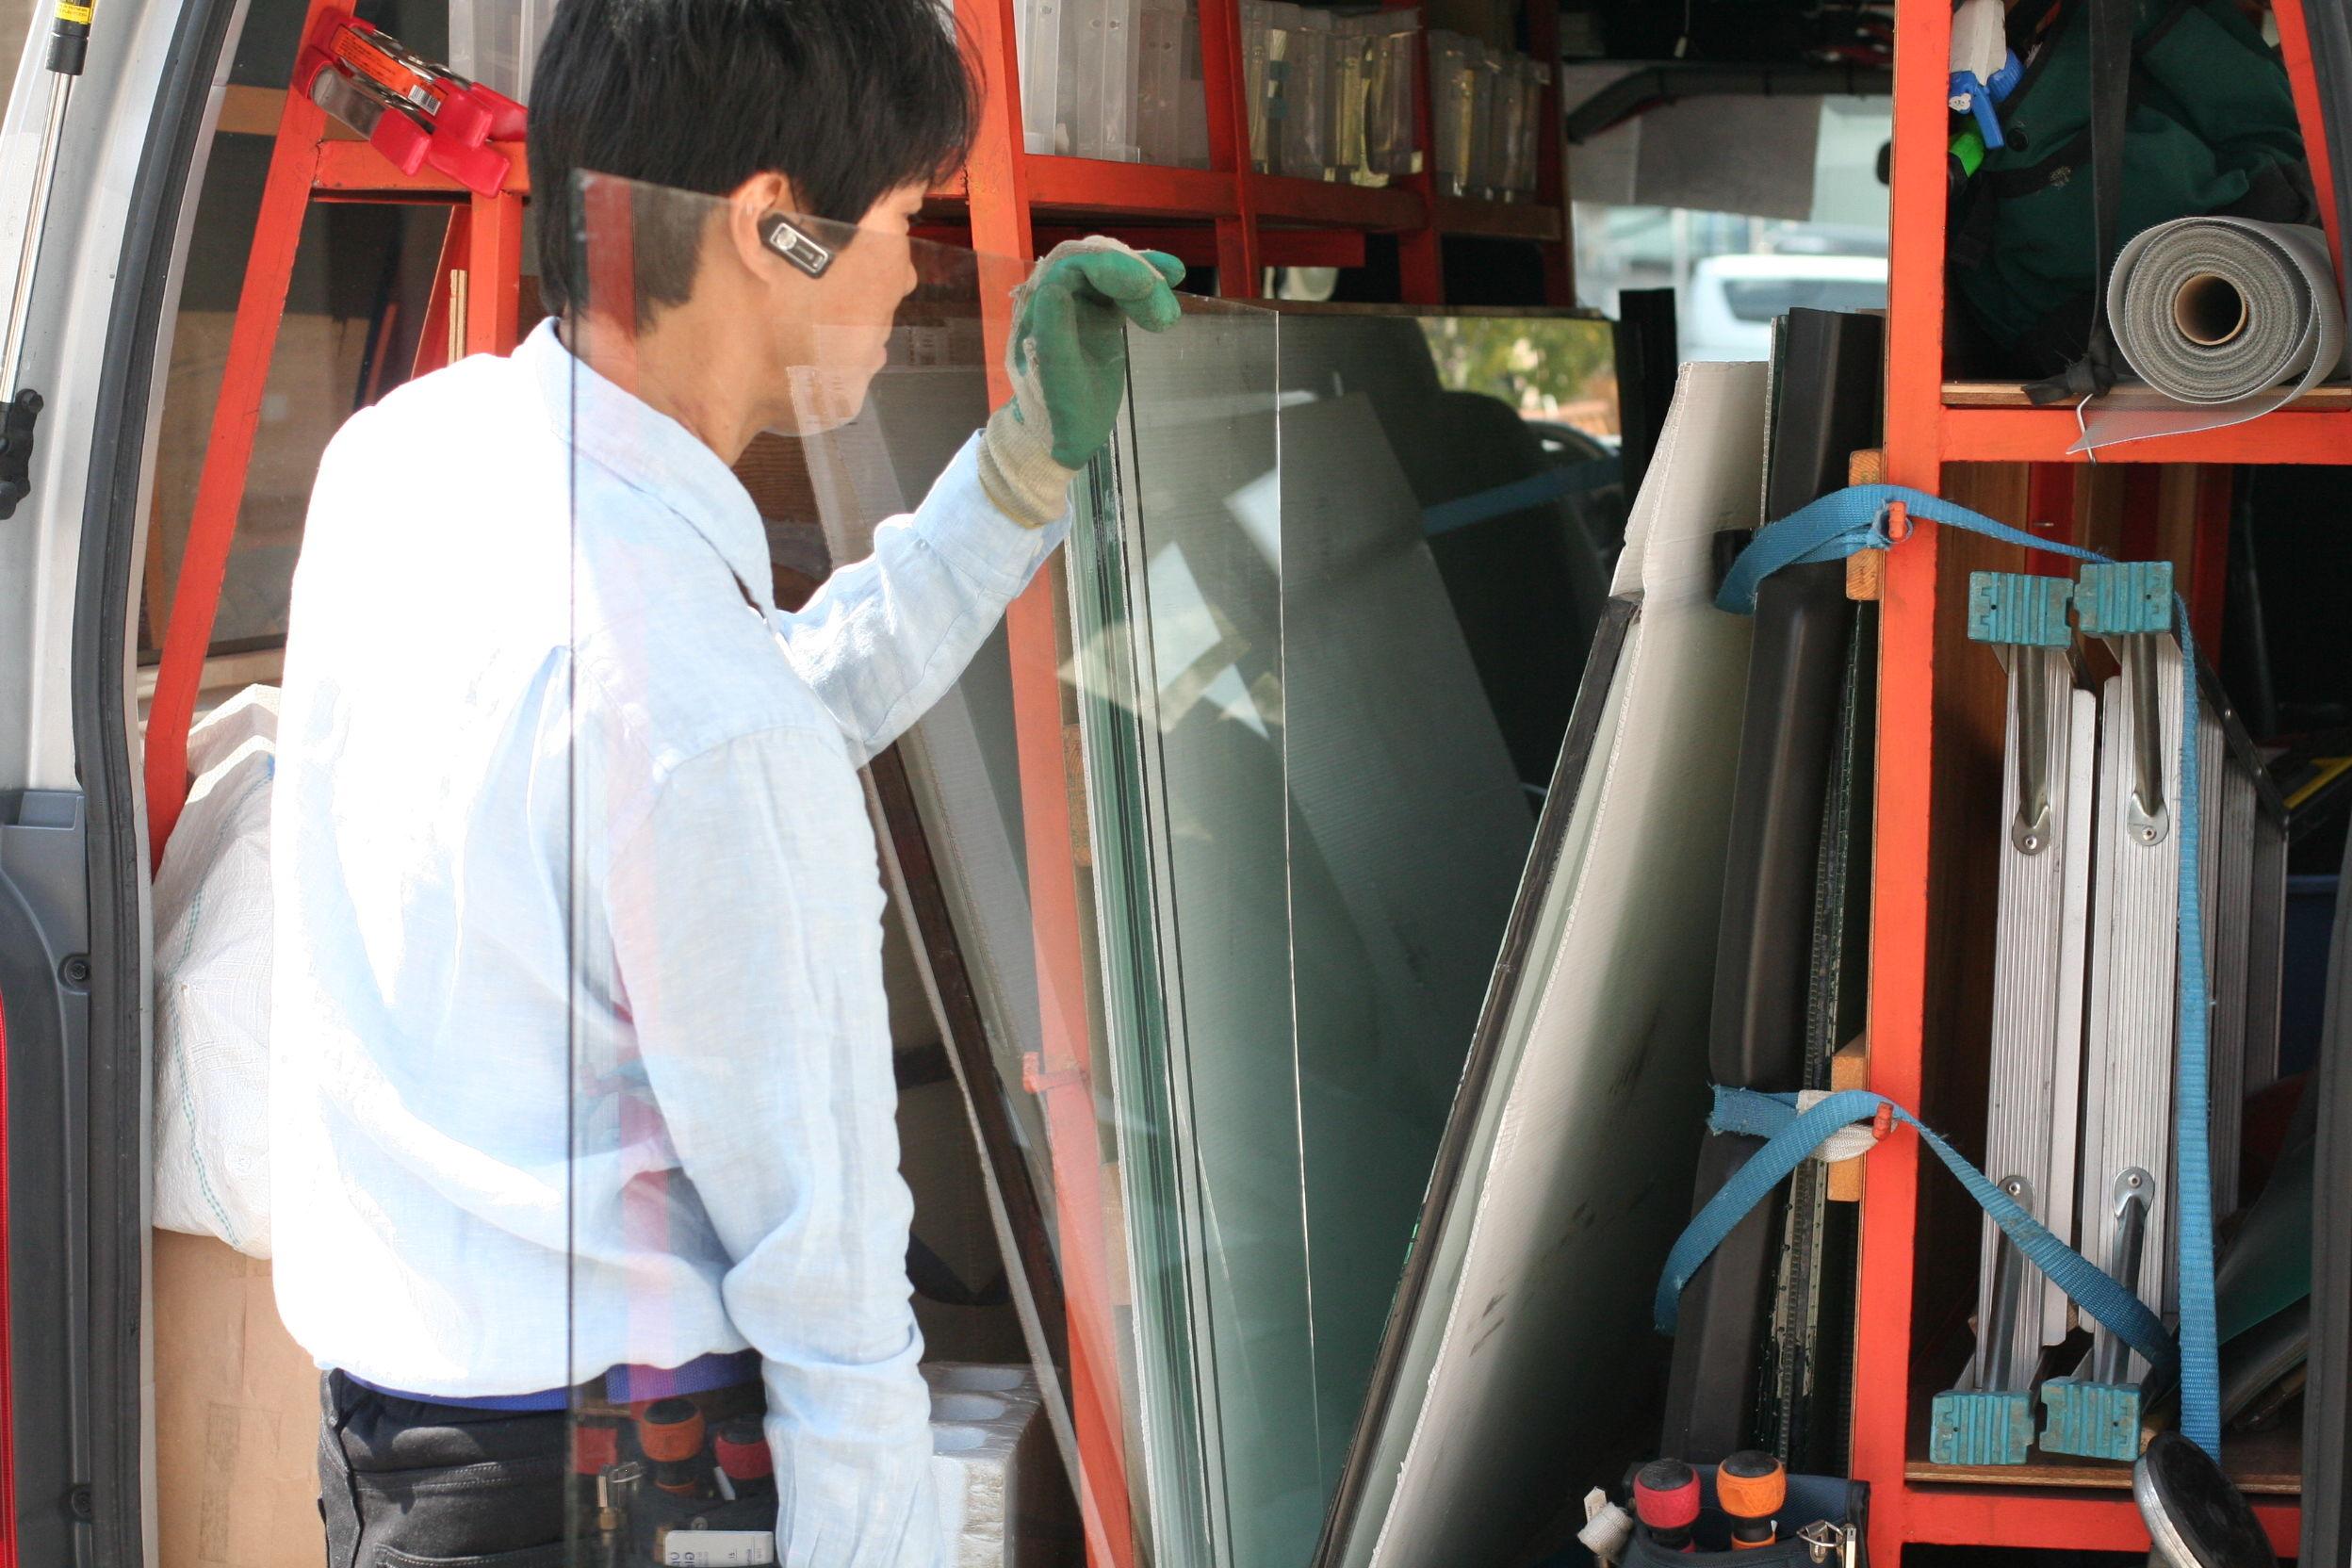 ガラスのトラブル救Q隊.24【糟屋郡篠栗町 出張エリア】のメイン画像